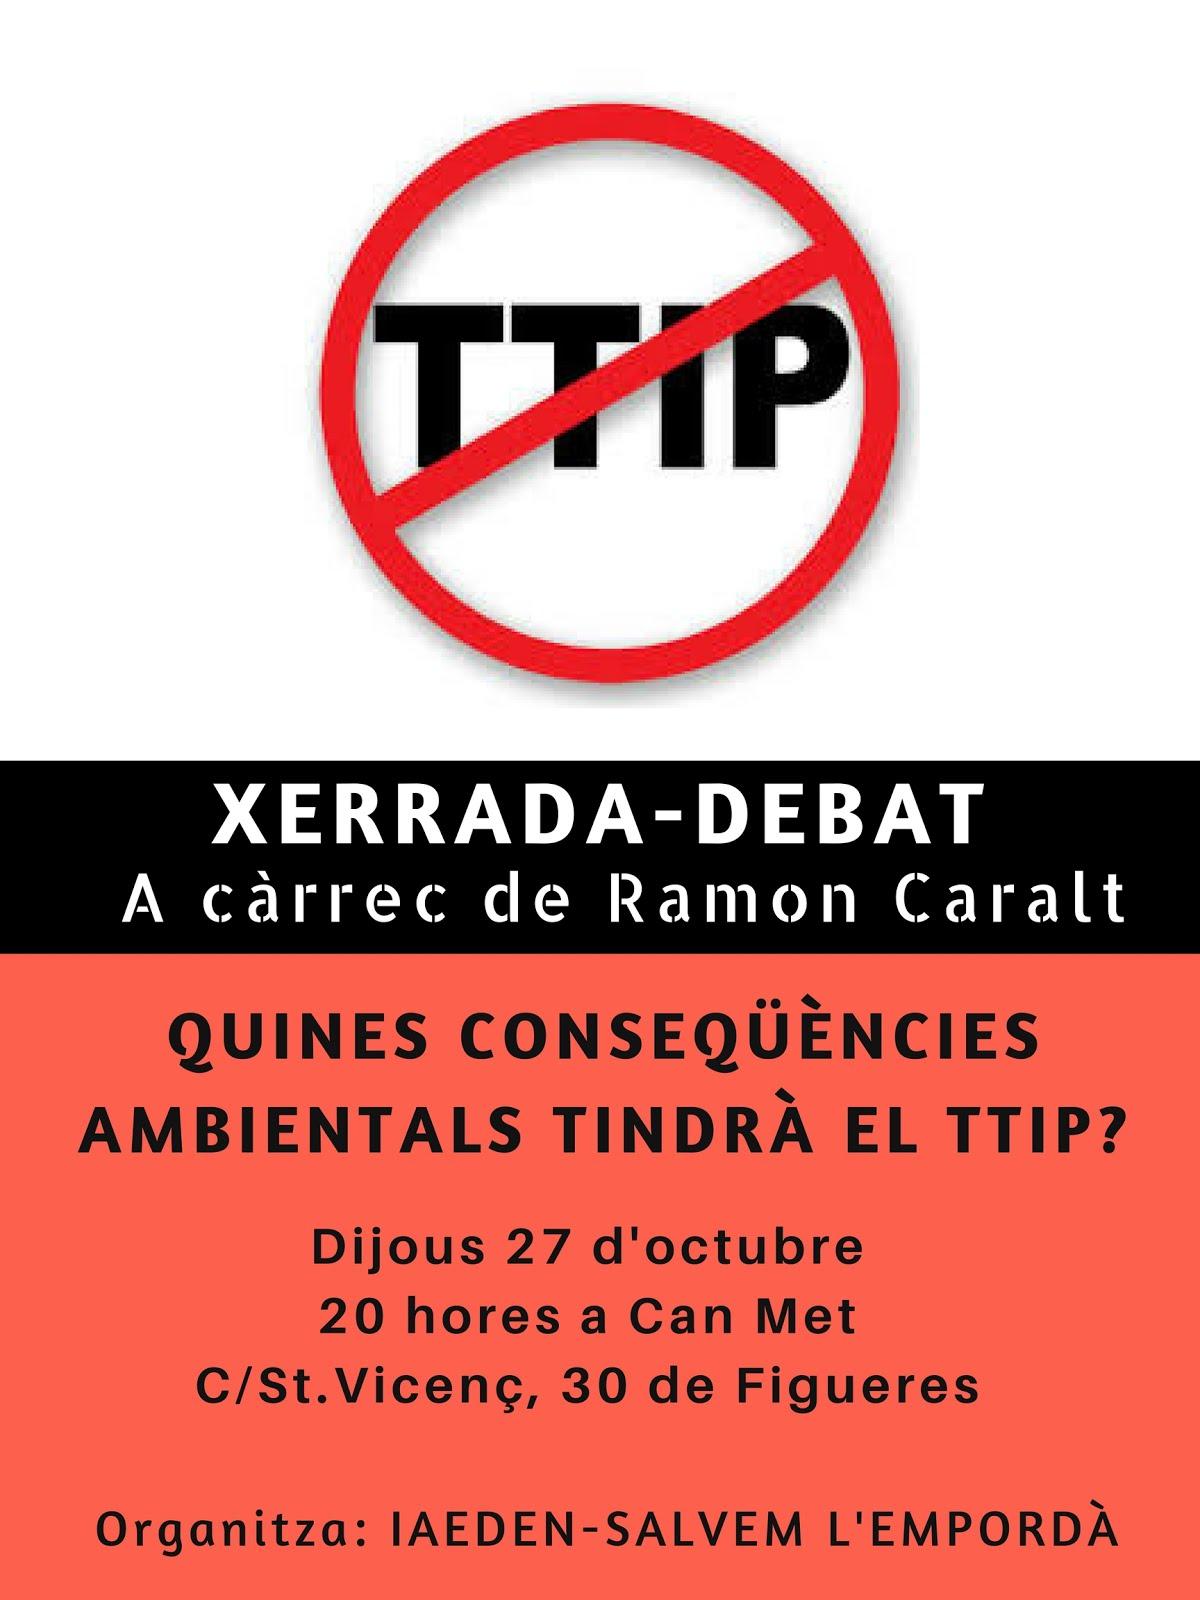 Dijous 27 d'octubre xerrada a Figueres 'Quines conseqüències ambientals tindrà el TTIP?'